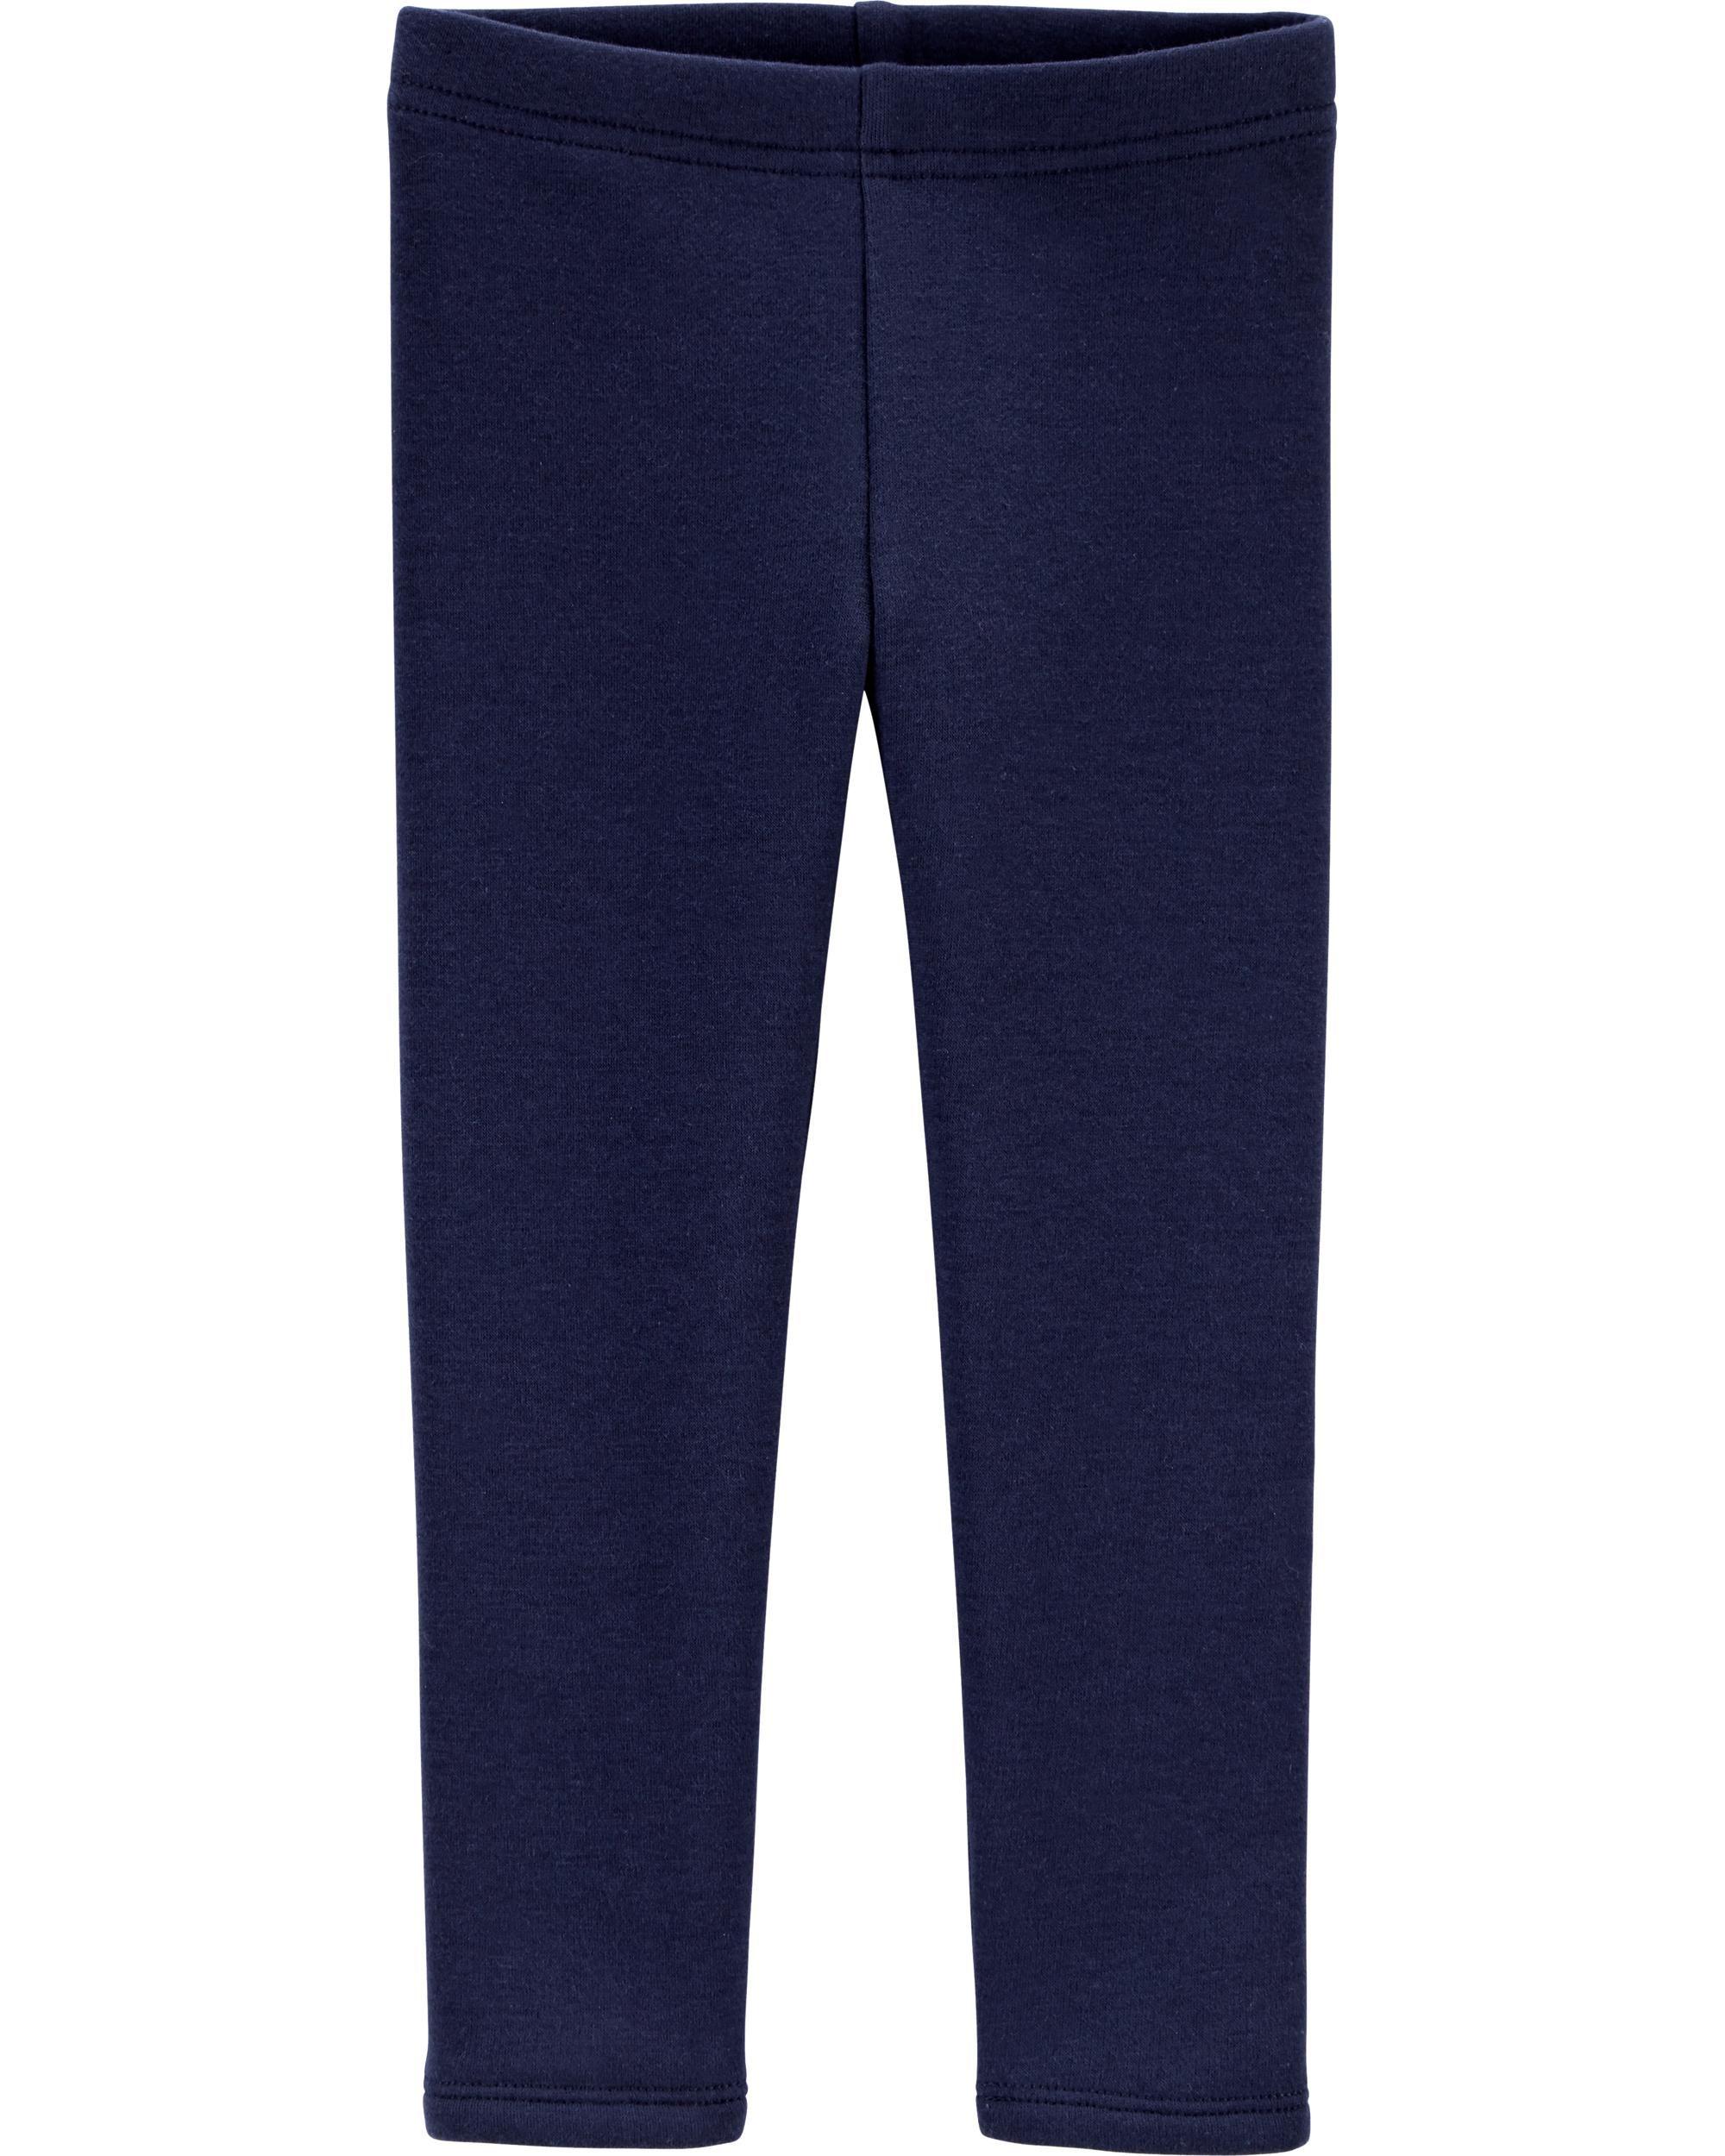 Calça De Algodão Com Forro de Fleece Azul Marinho Liso OshKosh B'gosh